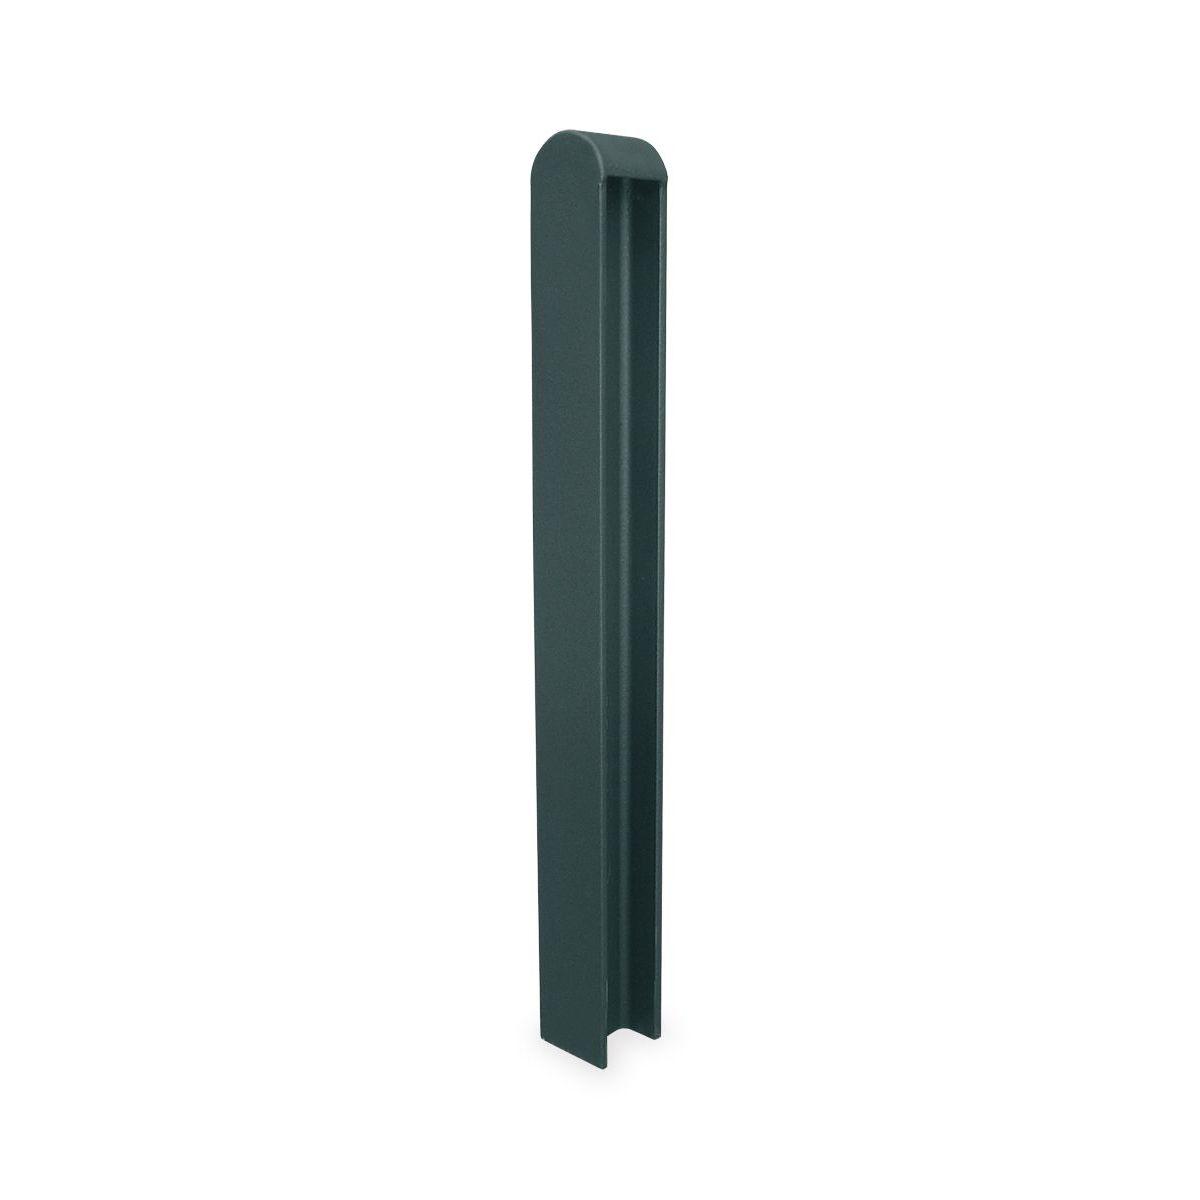 Pilona Grey de viga HEB100 y 1000mm de altura - C-517